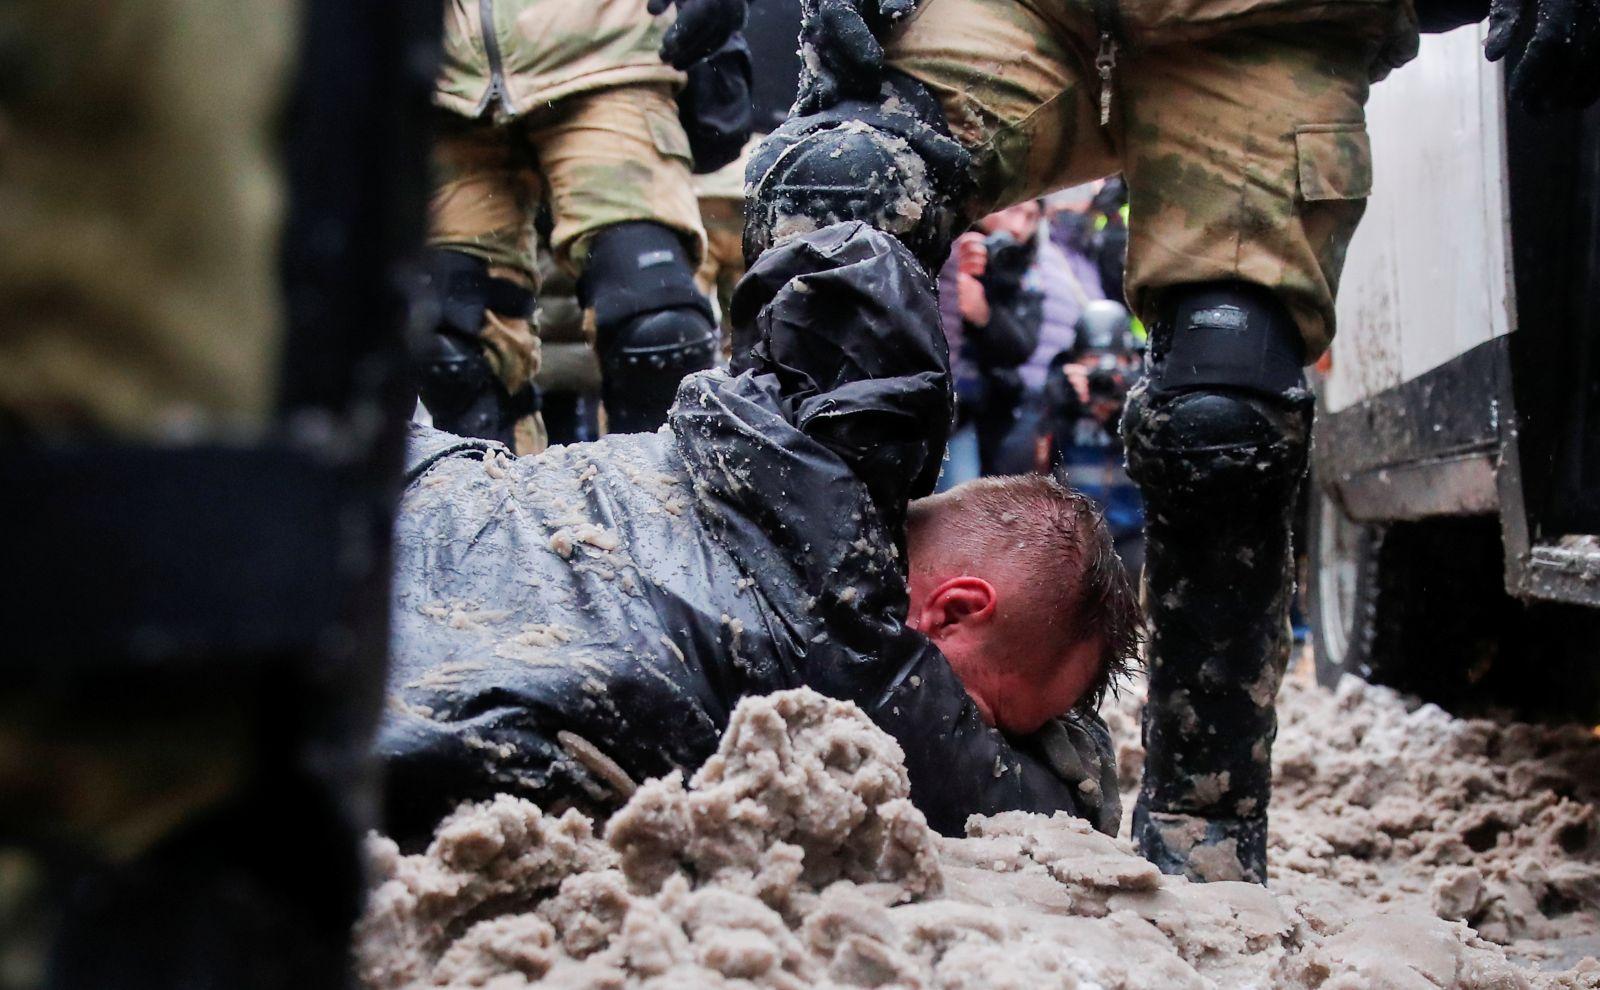 În timpul demonstrațiilor pro-Navalnîi poliția a făcut peste 4 400 de arestări. Un bărbat și-a dat foc în centrul Moscovei (LIVE)